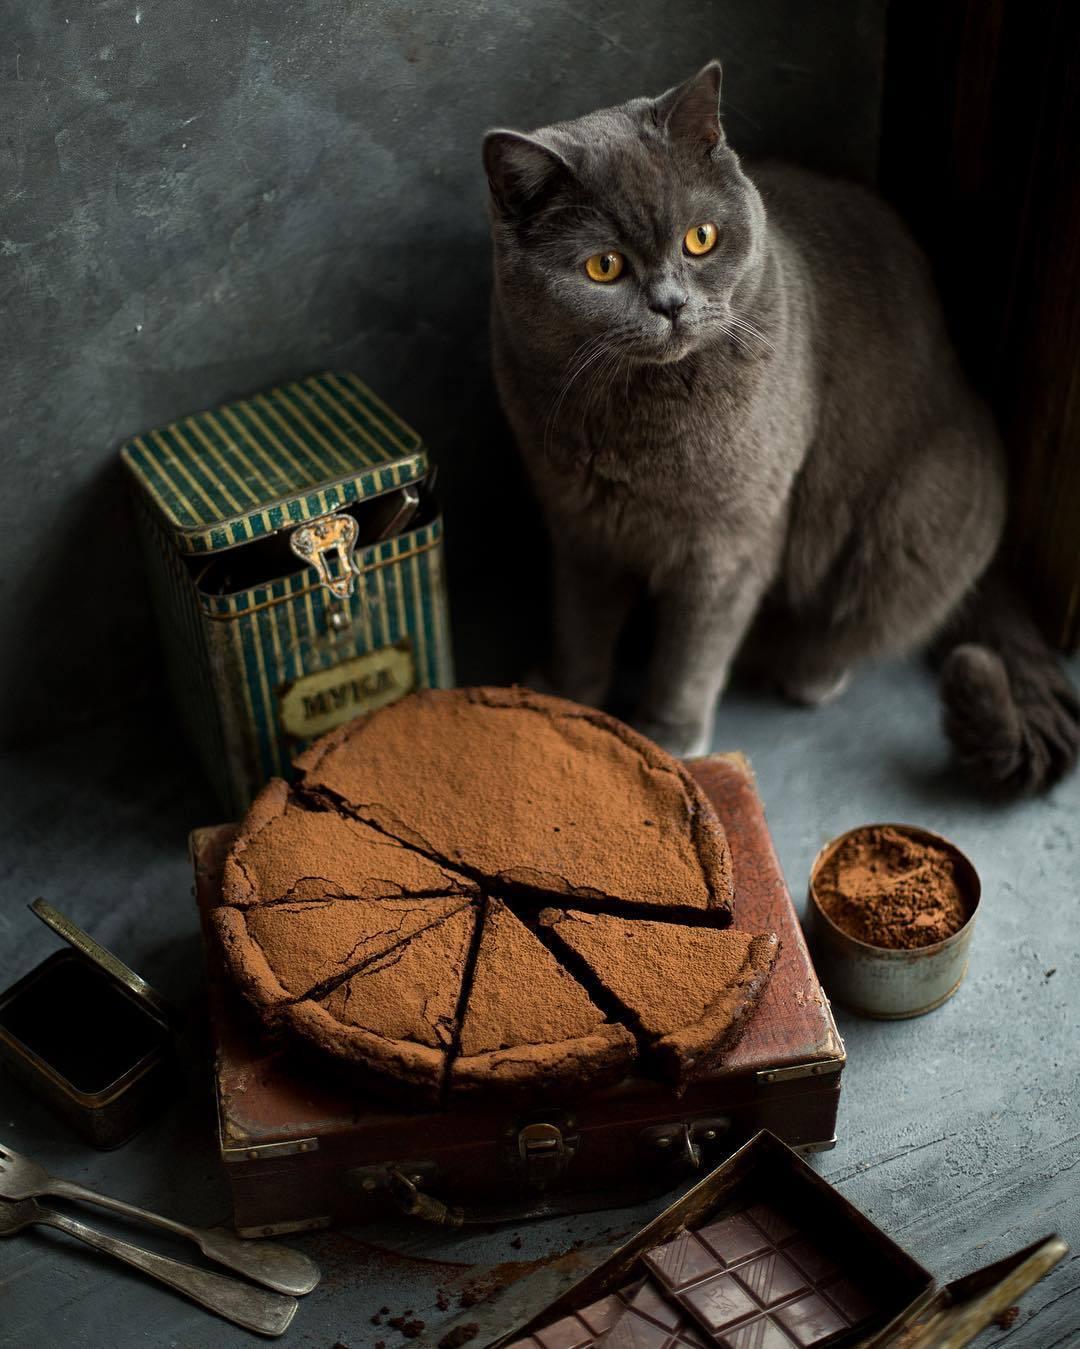 宠物-这位漂亮的美女蛋糕师,让猫咪来为蛋糕代言,将平淡无奇的蛋糕化腐朽为神奇(42)